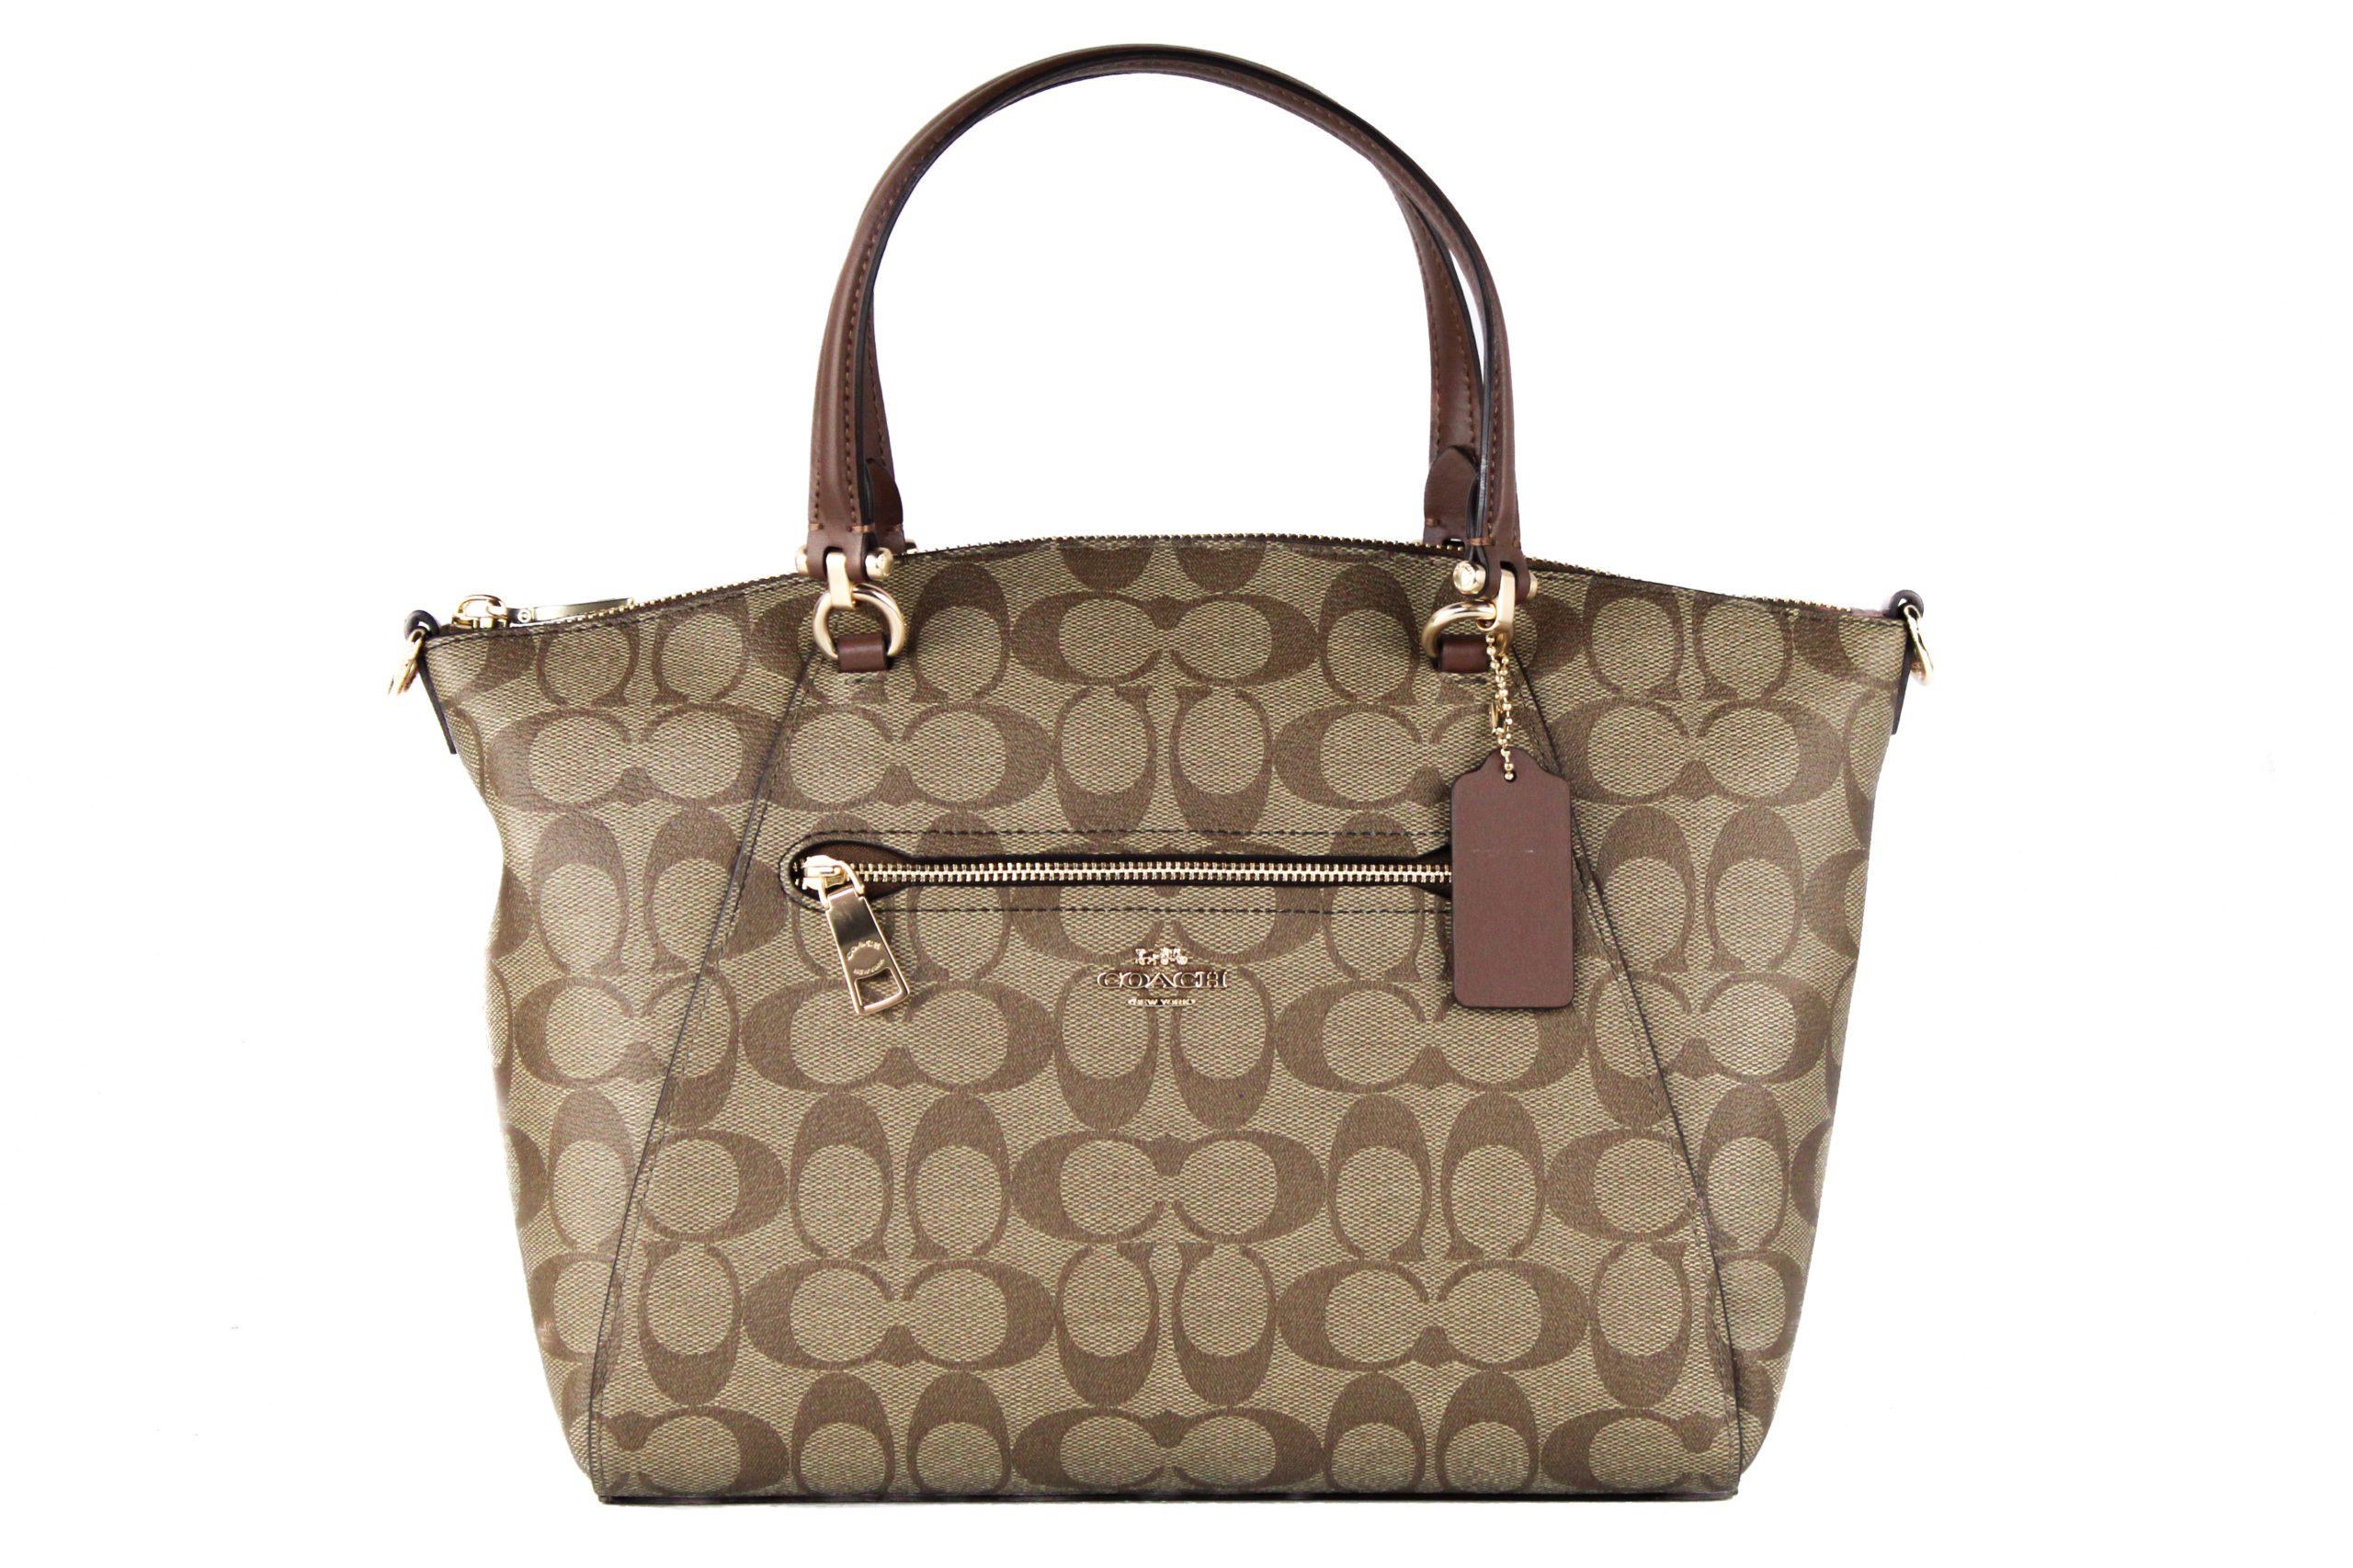 COACH Women's Prairie Satchel Bag Khaki 502557